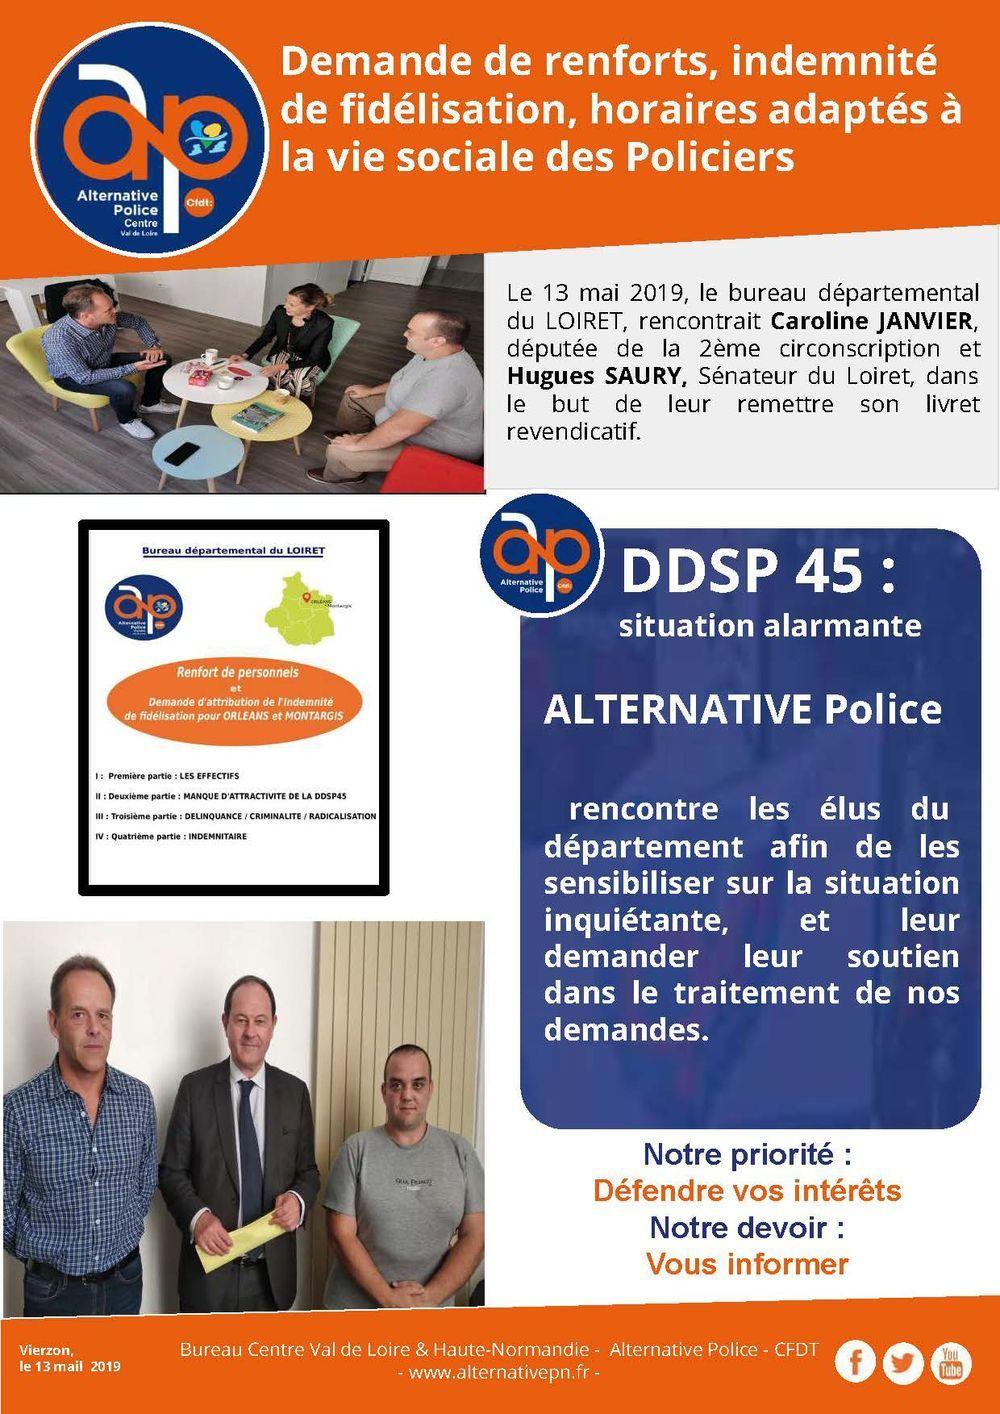 Demande de renforts, indemnité de fidélisation, horaires adaptés à la vie sociale des Policiers